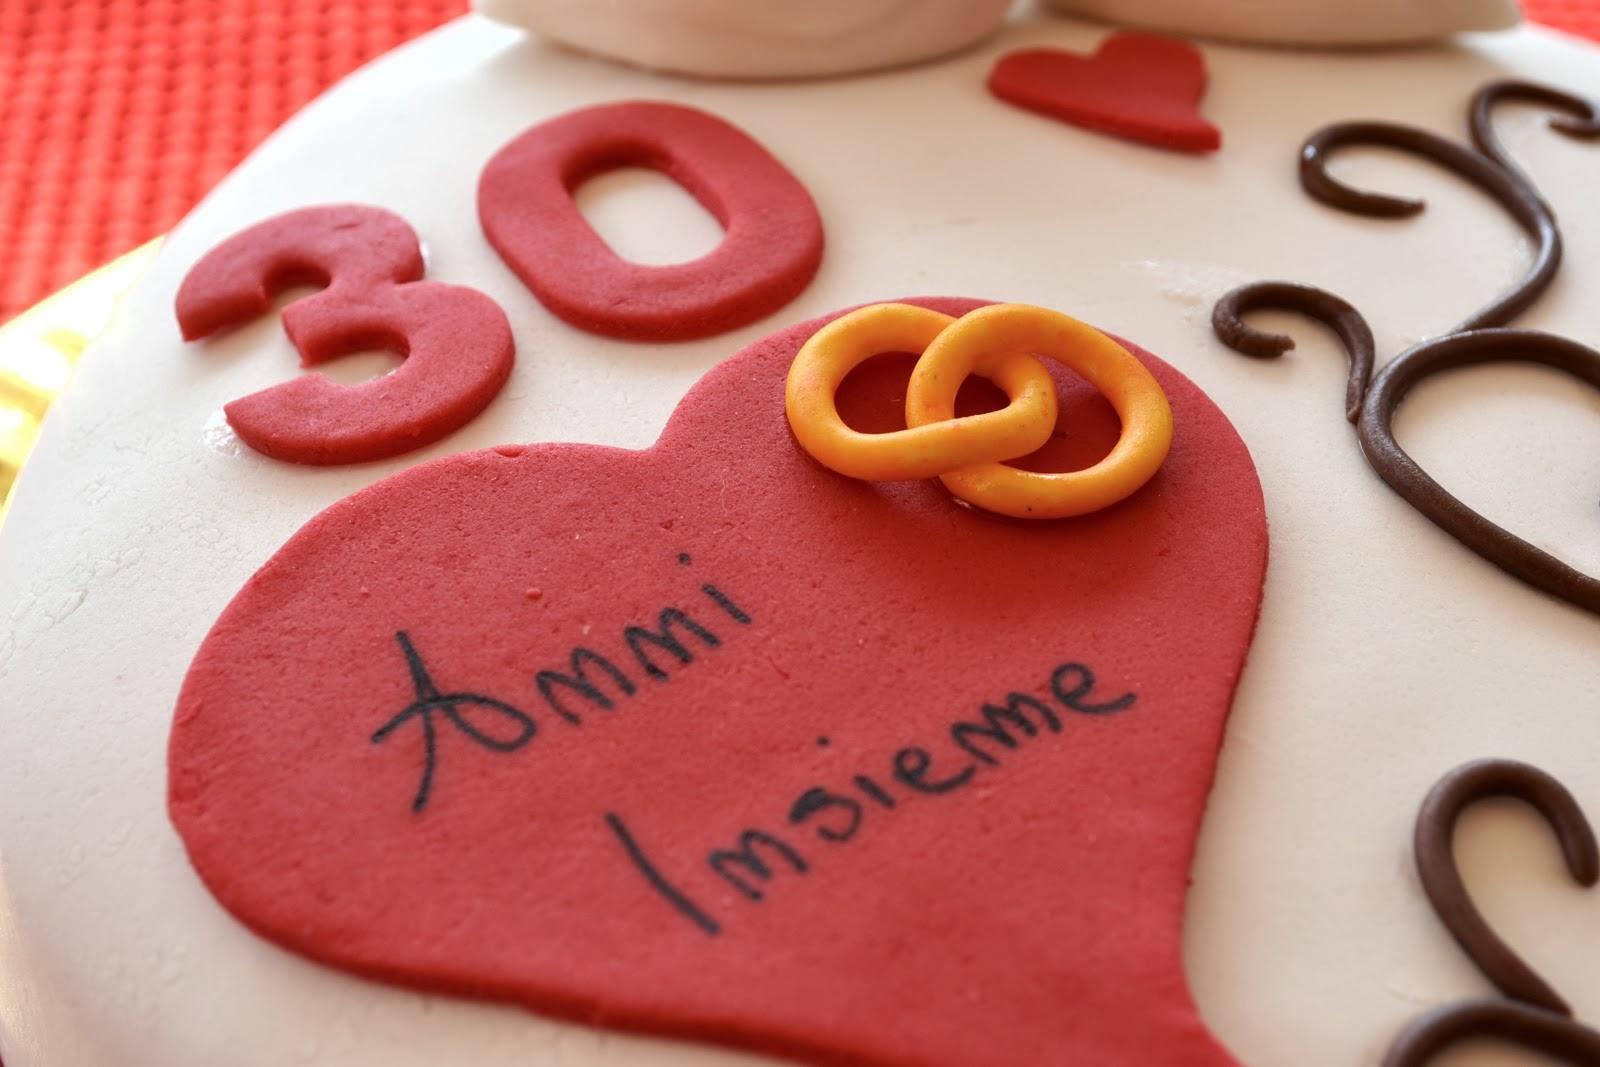 Marci oggi anniversario di matrimonio mio e for Anniversario di matrimonio